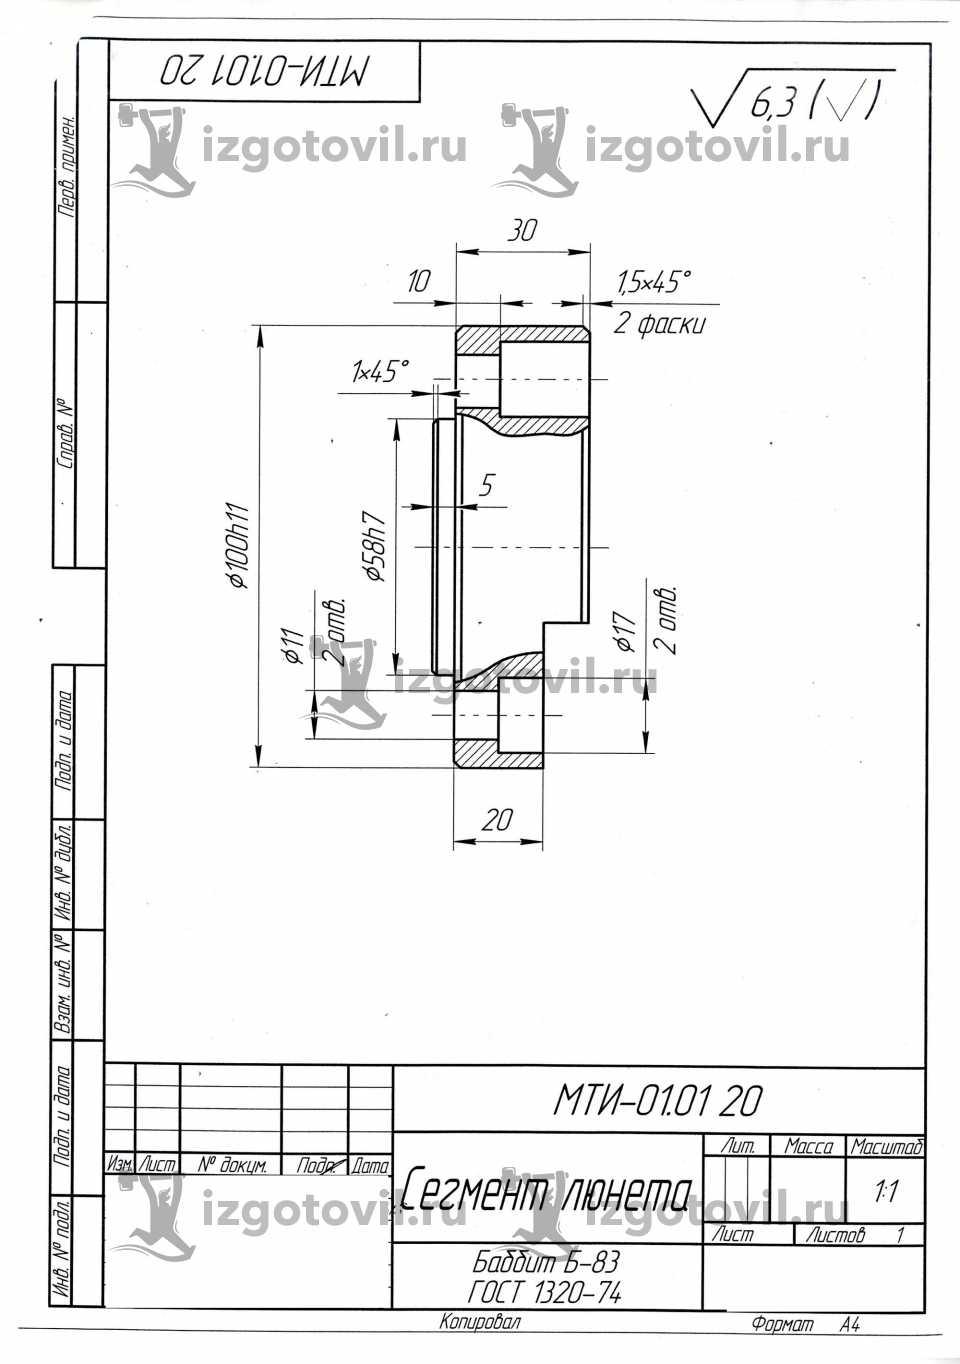 Токарно-фрезерная обработка детали из баббита